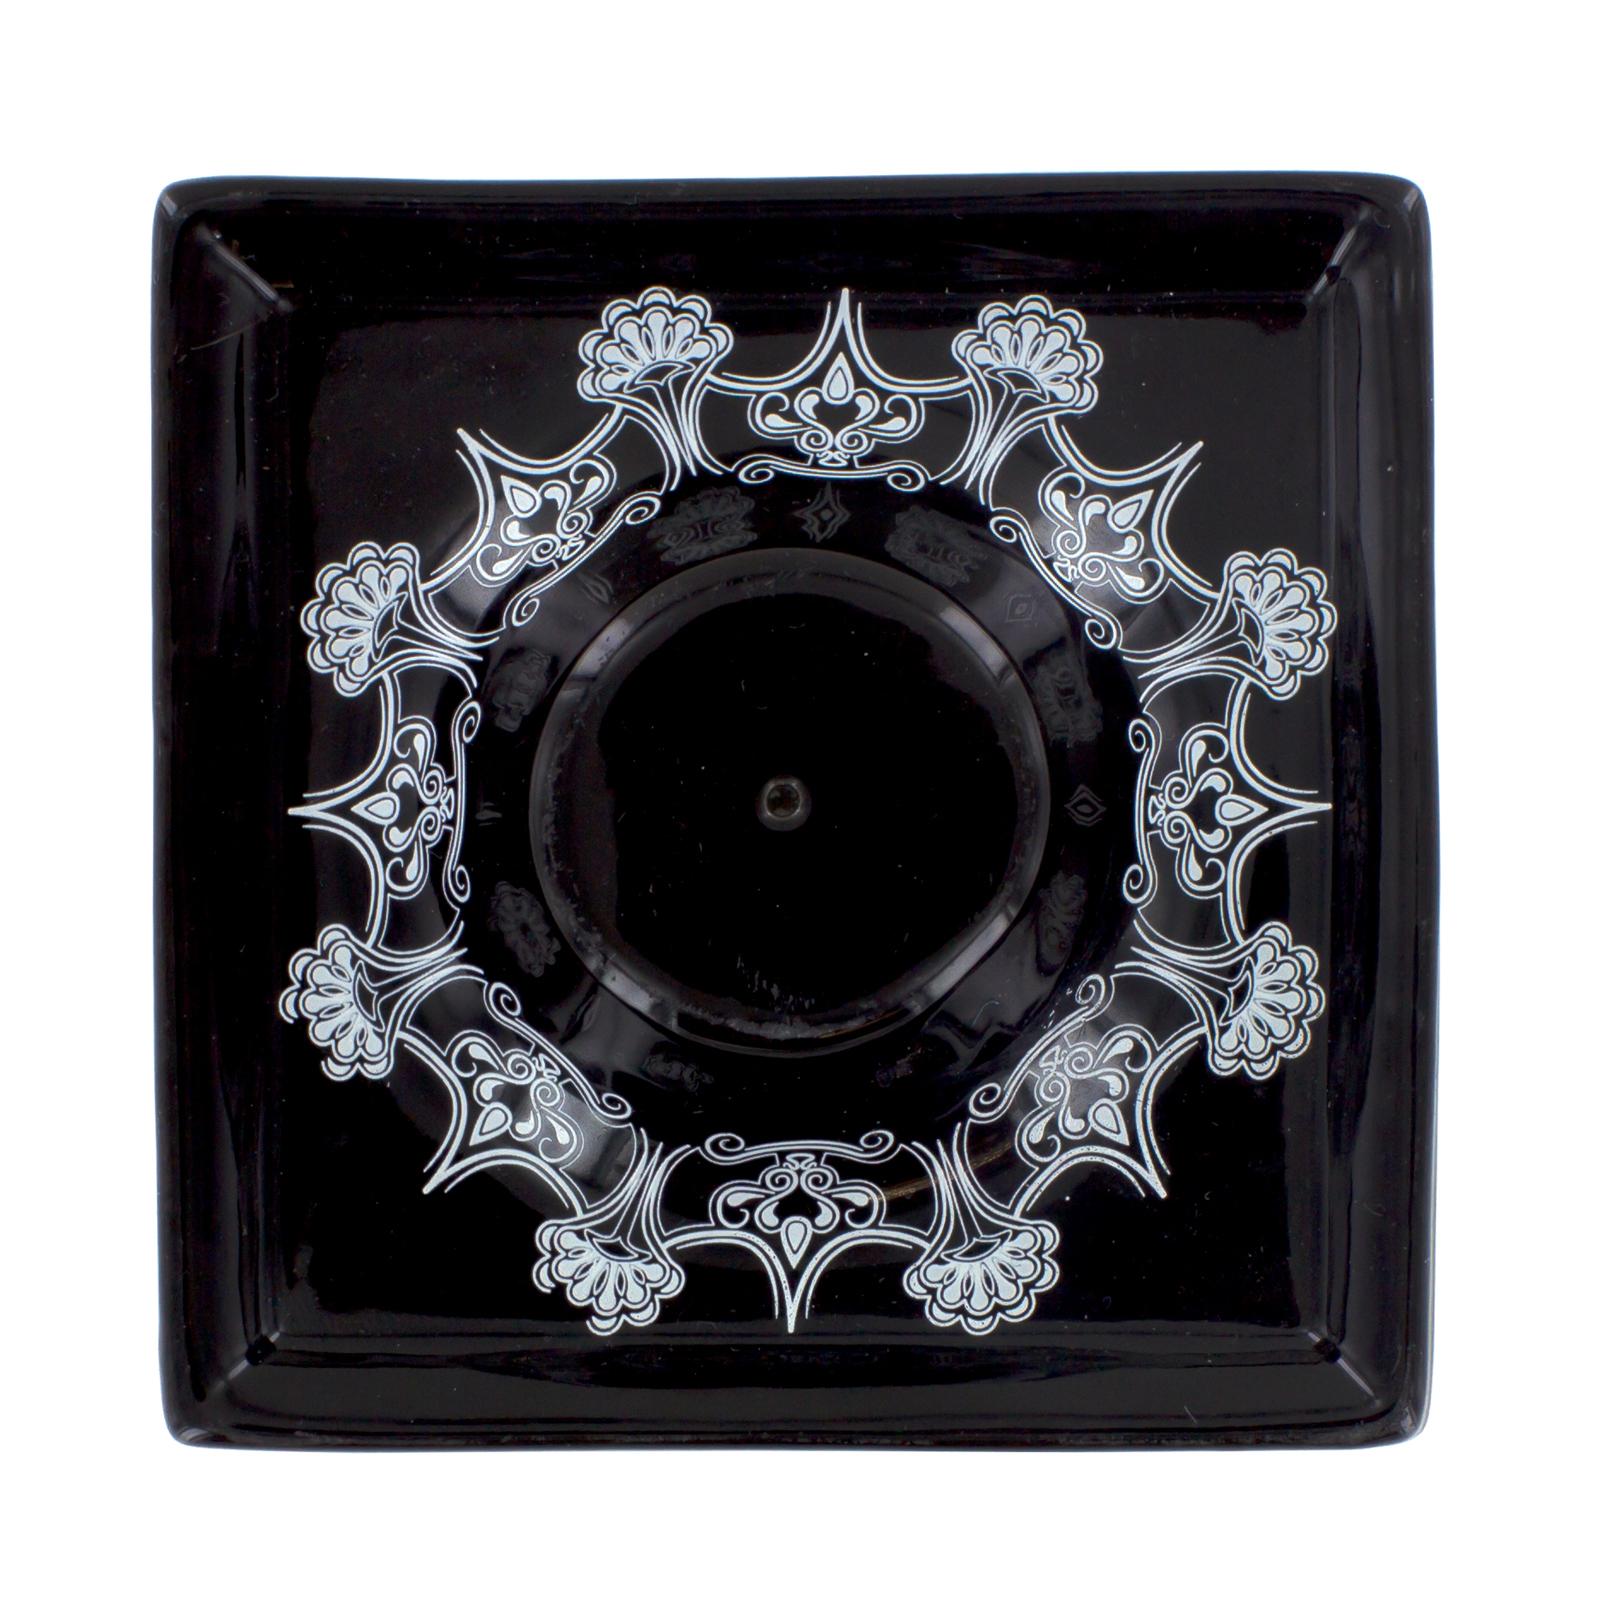 Керамическая пепельница-подставка для благовоний черная (Палочки-благовония)Палочки-благовония<br>Керамическая пепельница-подставка для благовоний черная <br>Подставки для палочек-благовоний декорированы так же, как и линия черно-белых керамических аромаламп Ashleigh &amp; Burwood из серии «Простая керамика»<br>